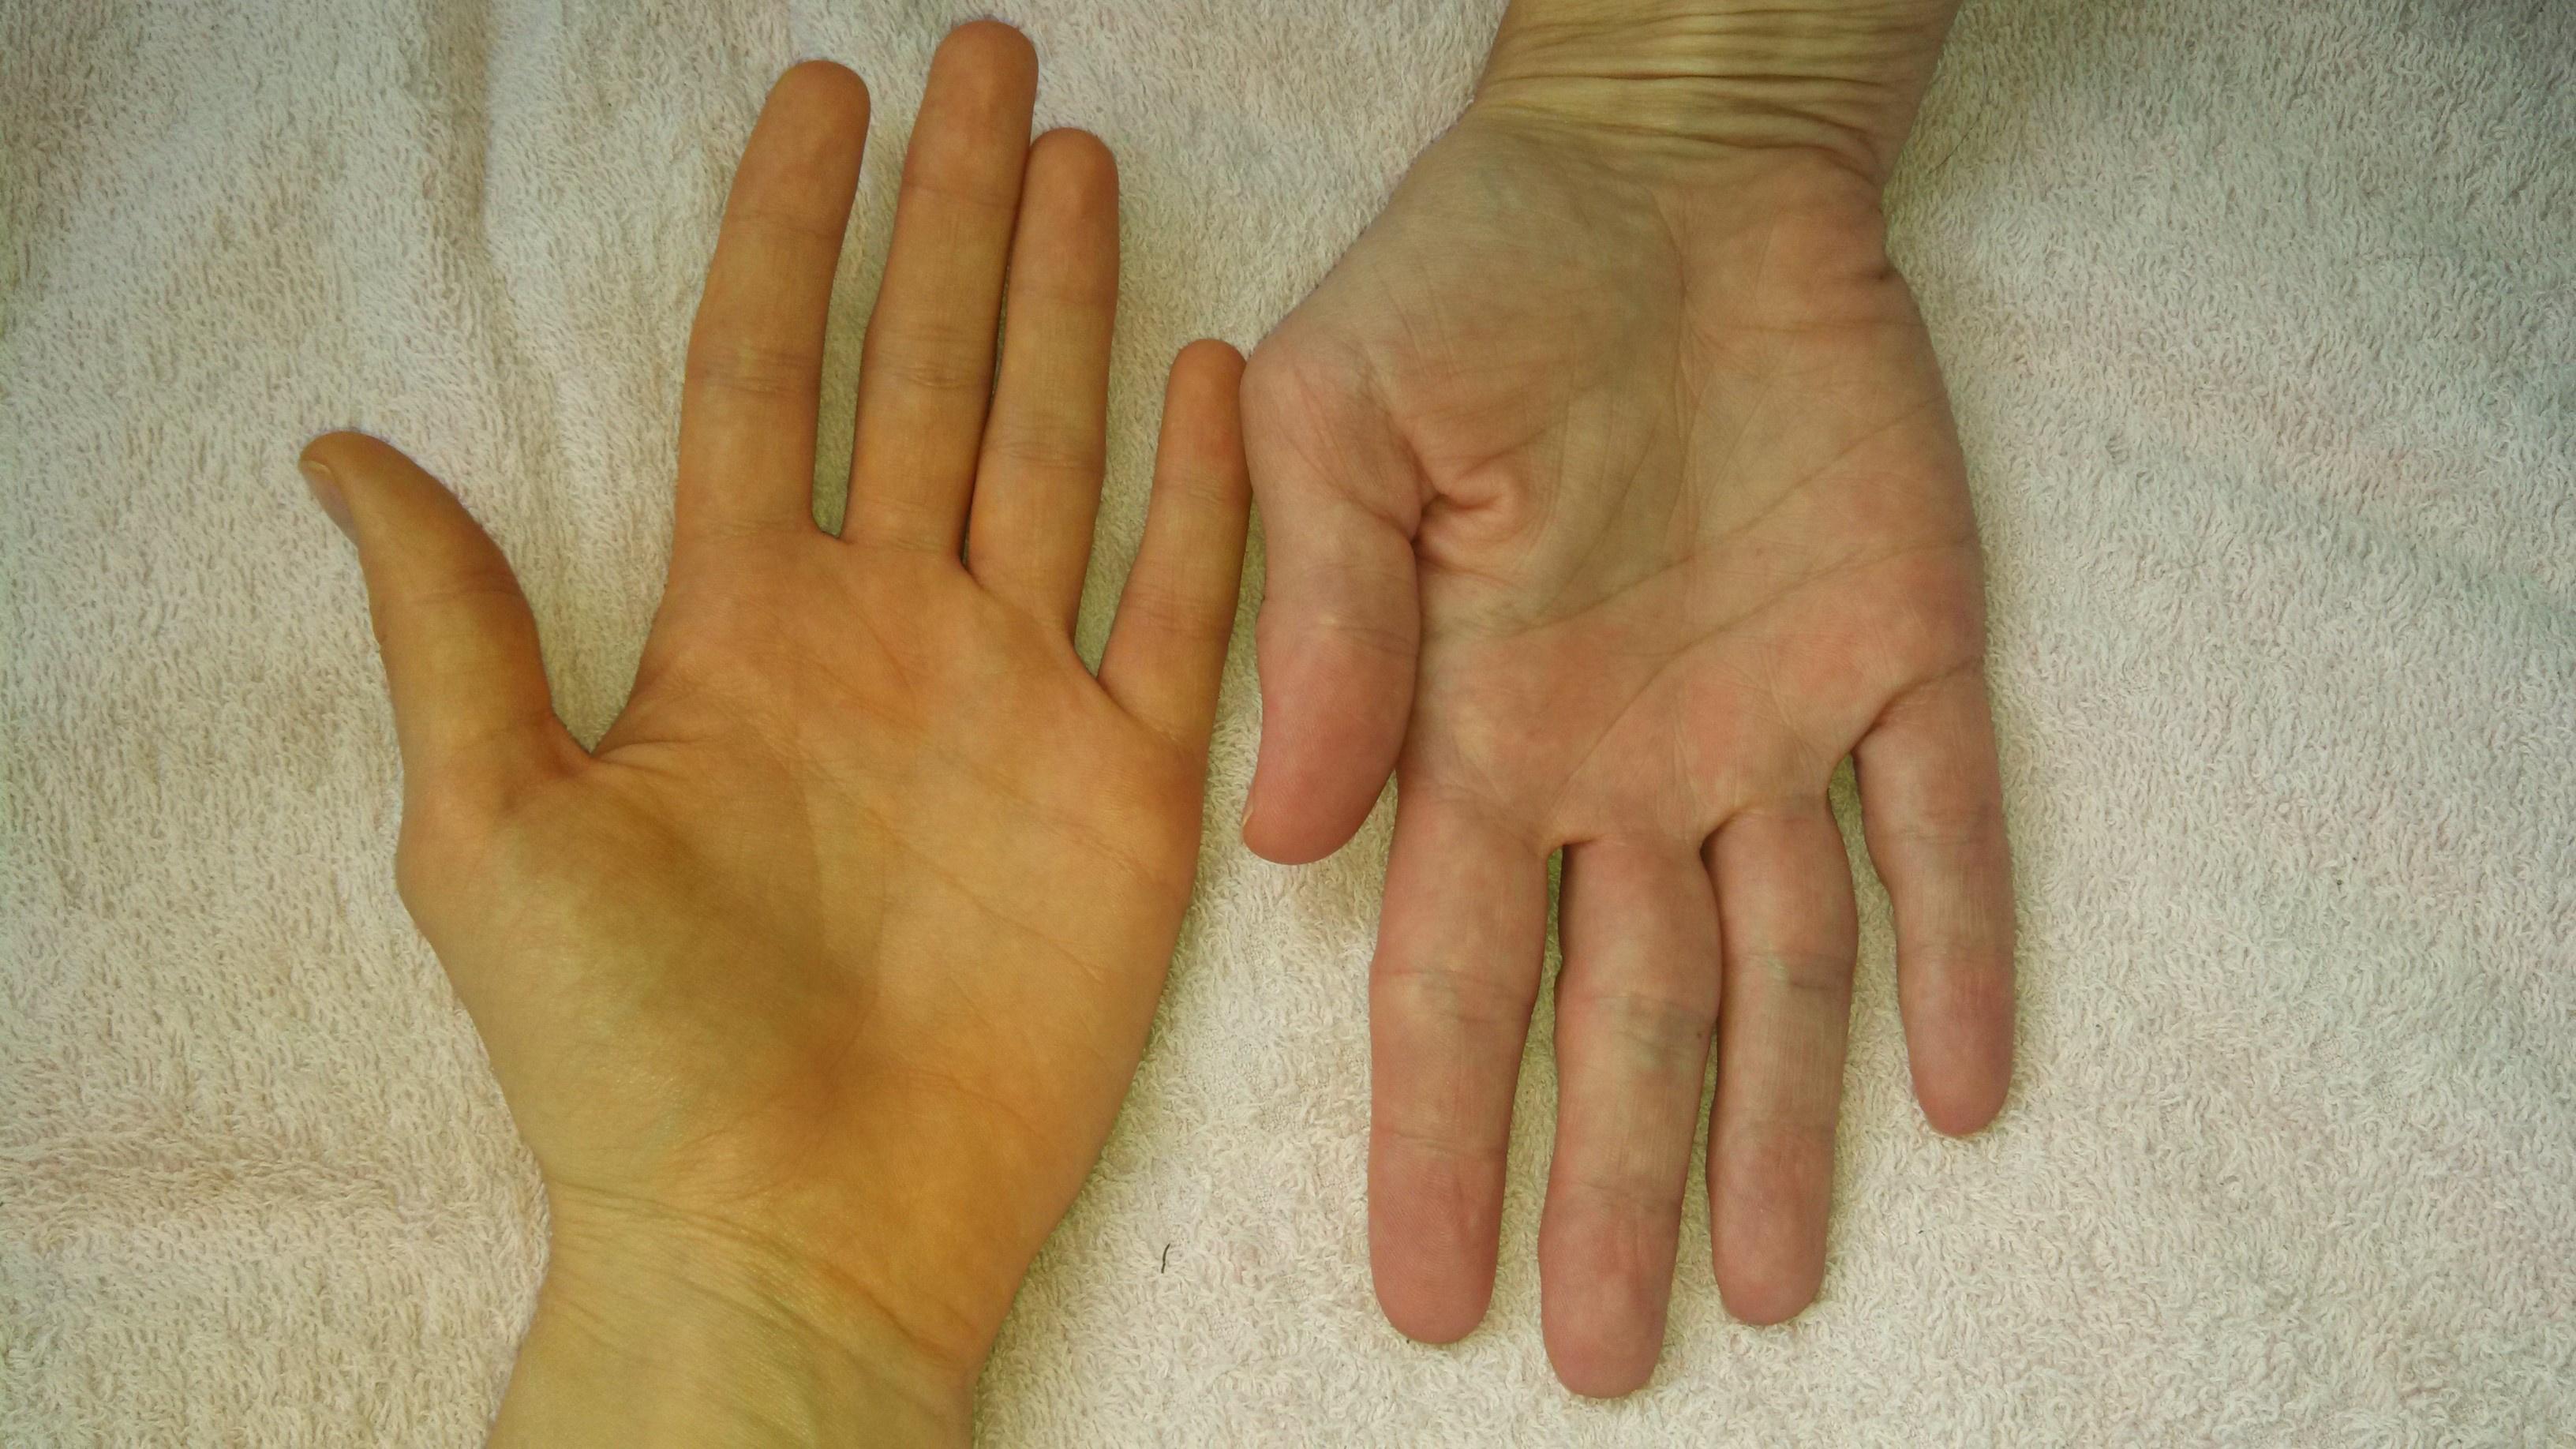 tenyér vörös foltokkal a bőr alatt vörös foltok jelentek meg a kézen